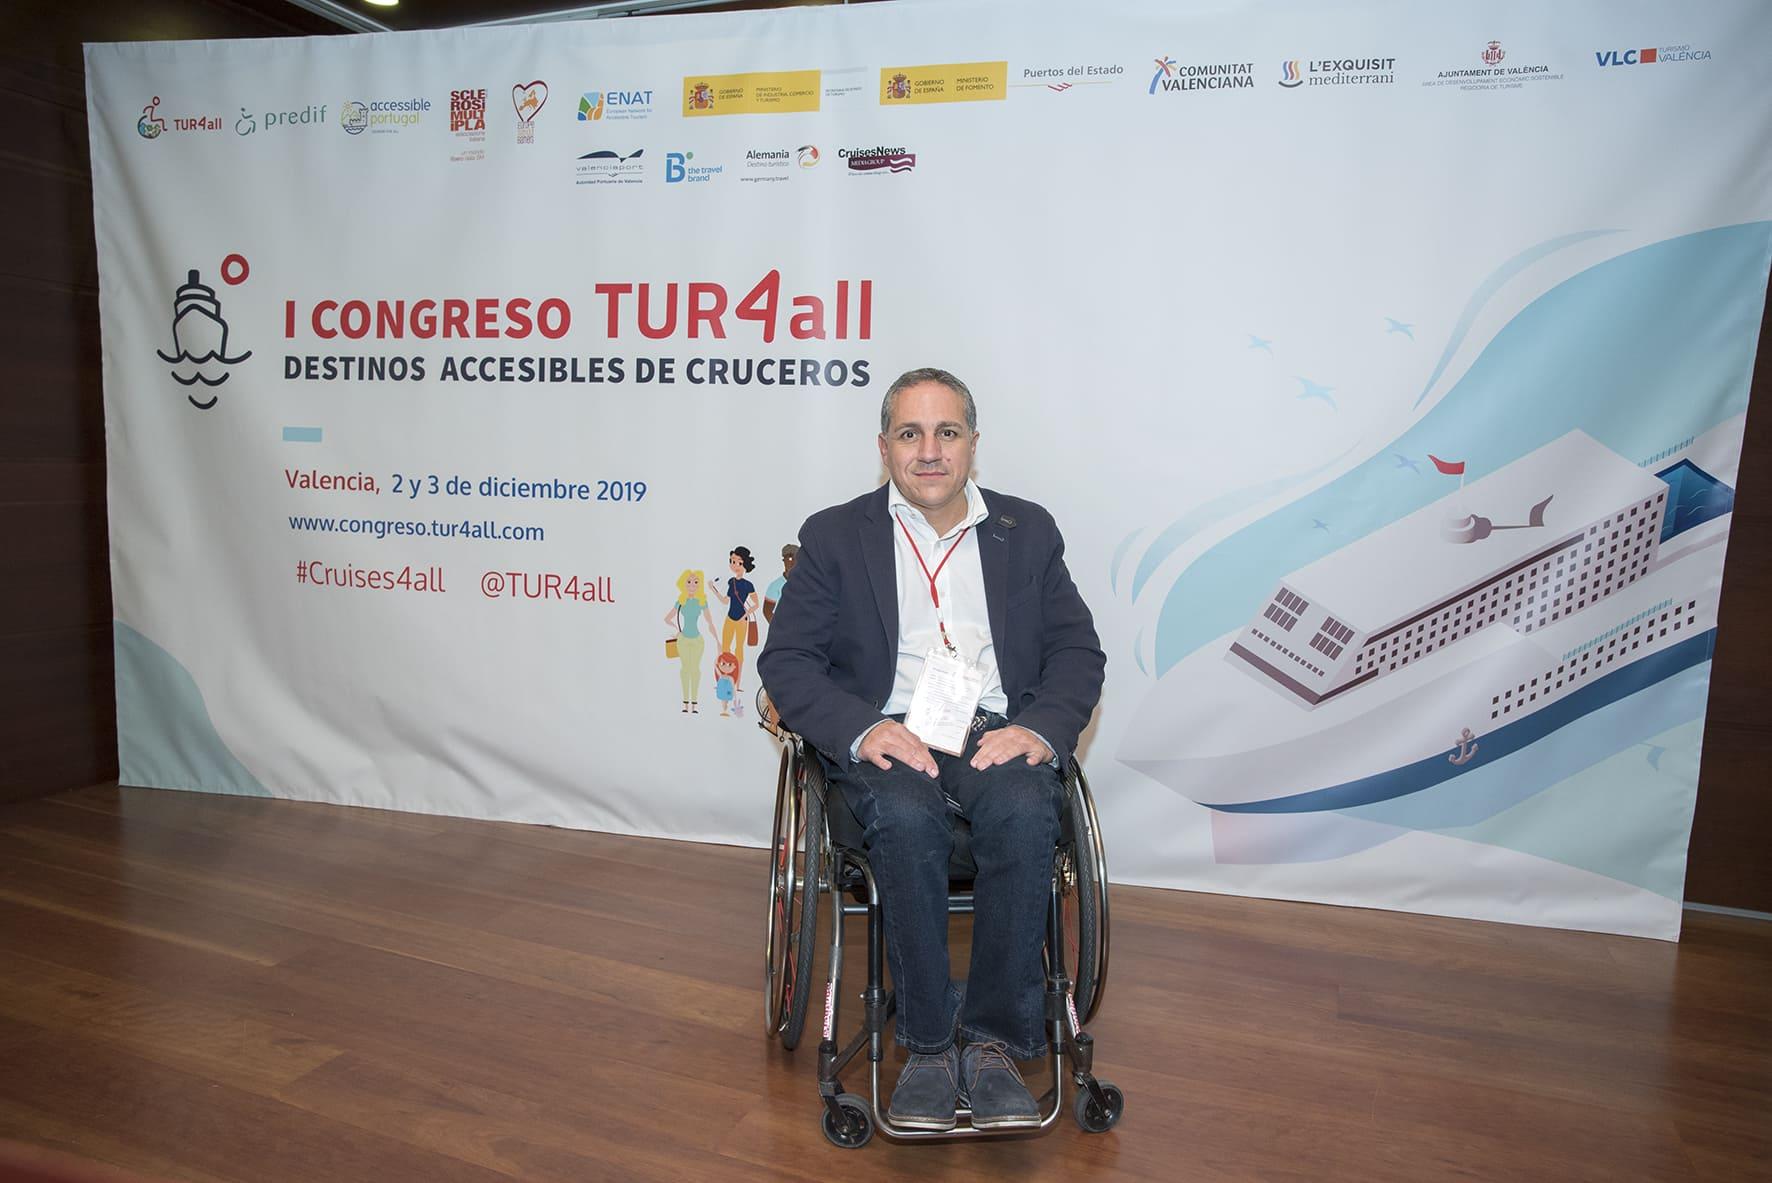 Juan Antonio Ledesma_PREDIF